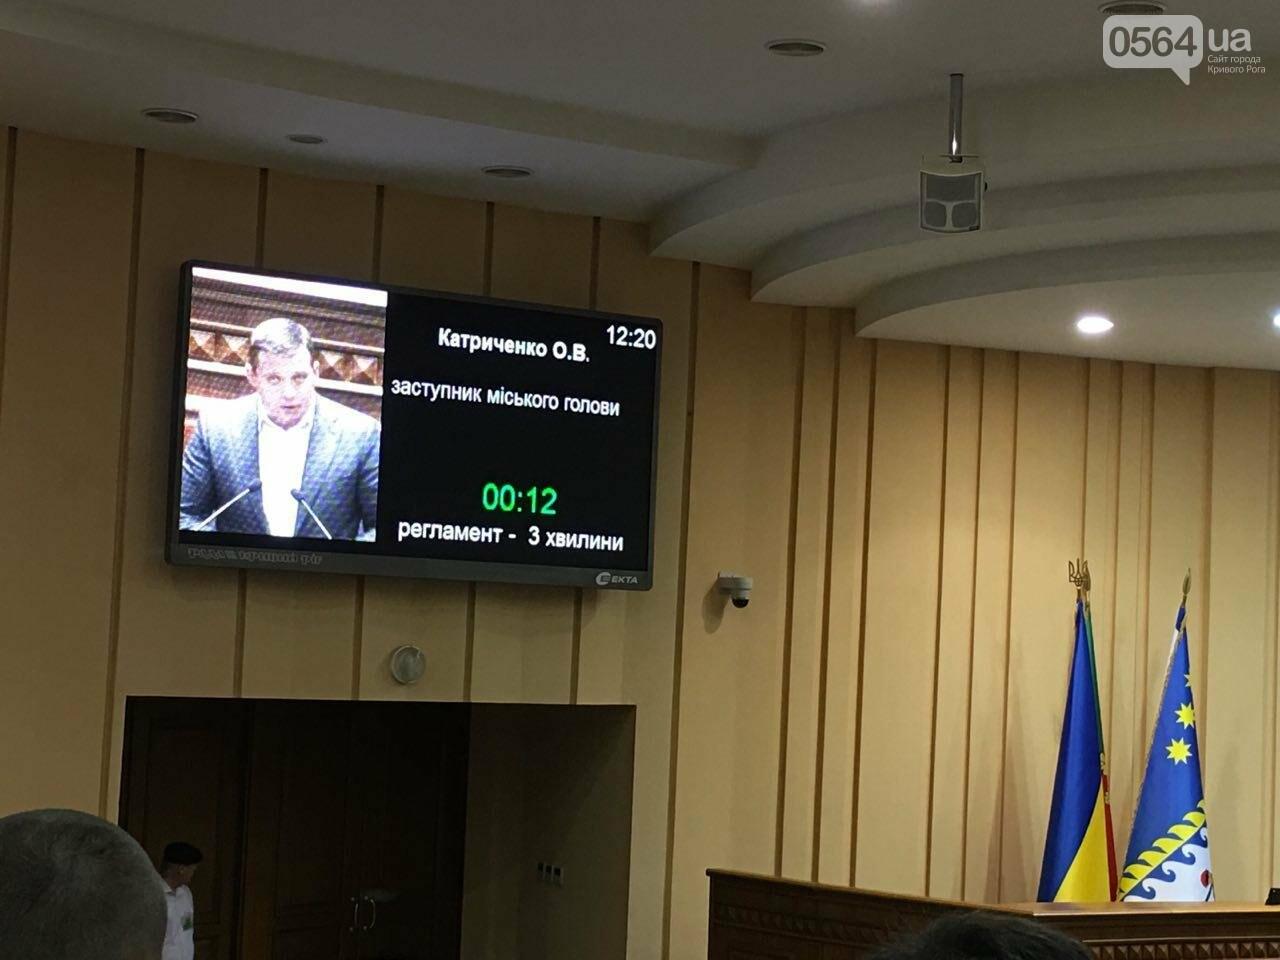 Тариф в маршрутках Кривого Рога  не снизится - депутаты рассмотрели петицию, - ФОТО, фото-9